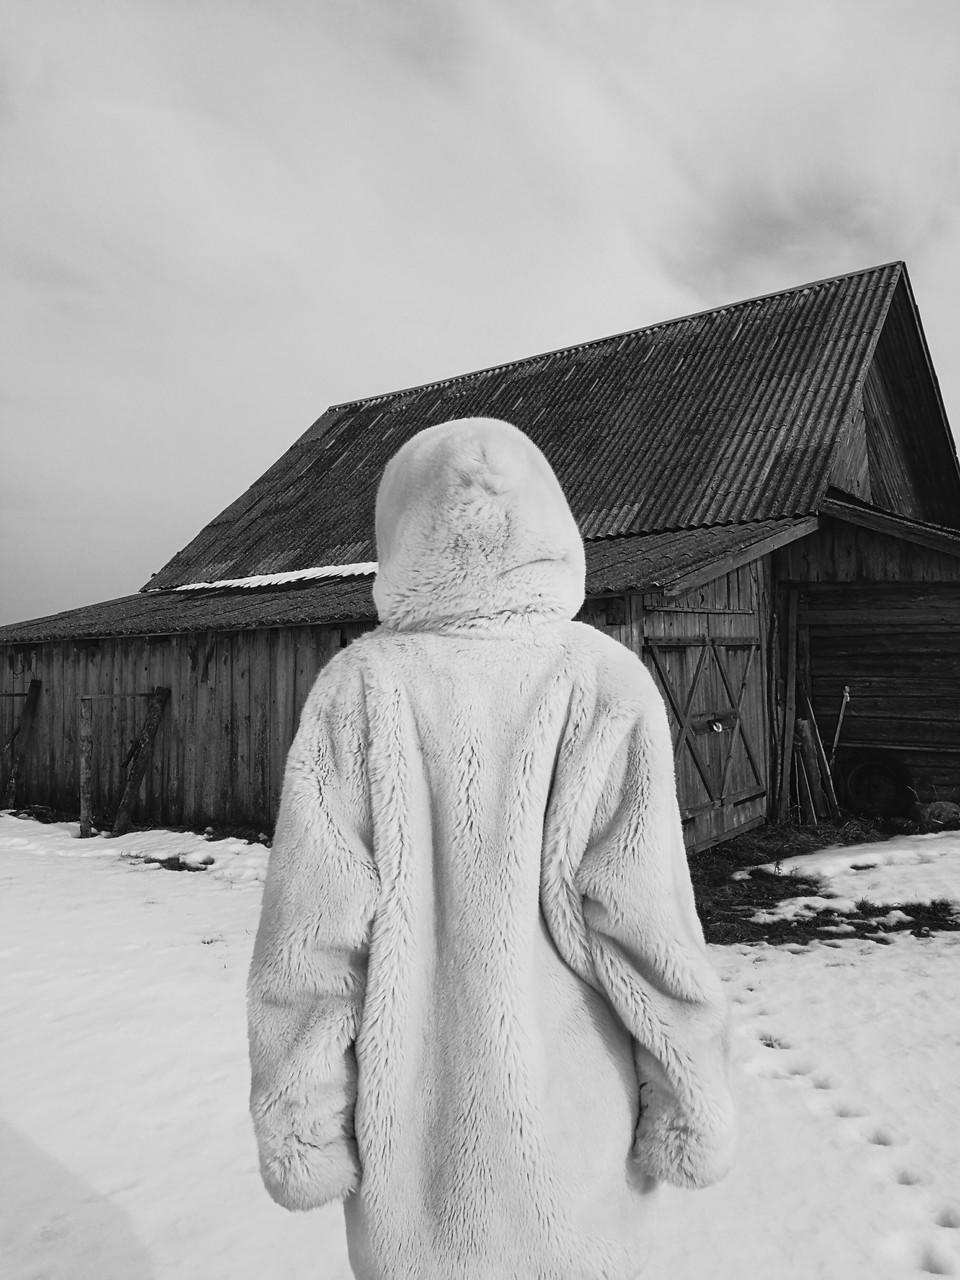 Human Bear, © Yevgeny Putilov, Huawei Next-Image Awards